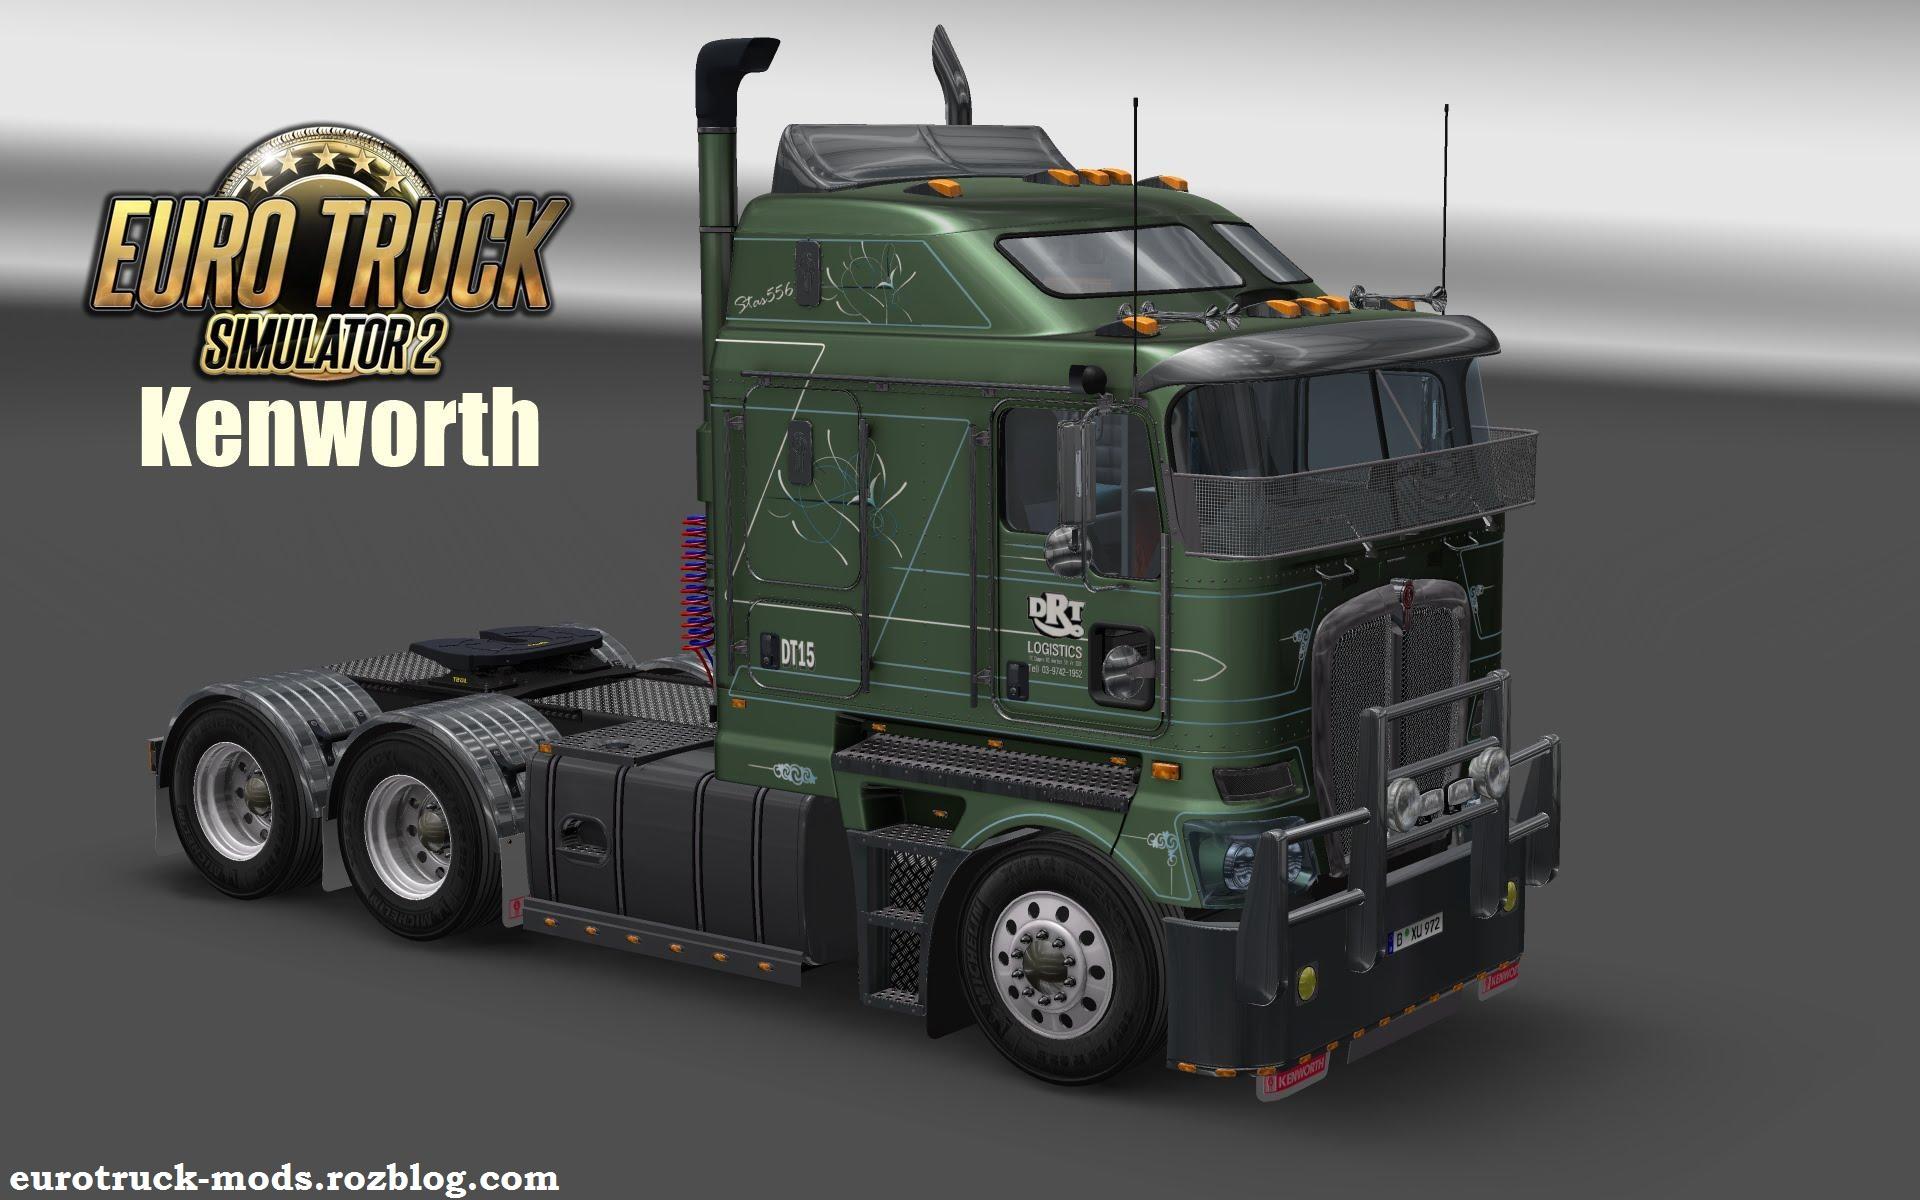 دانلود کامیون فوق العاده kenworth k200 برای یورو تراک